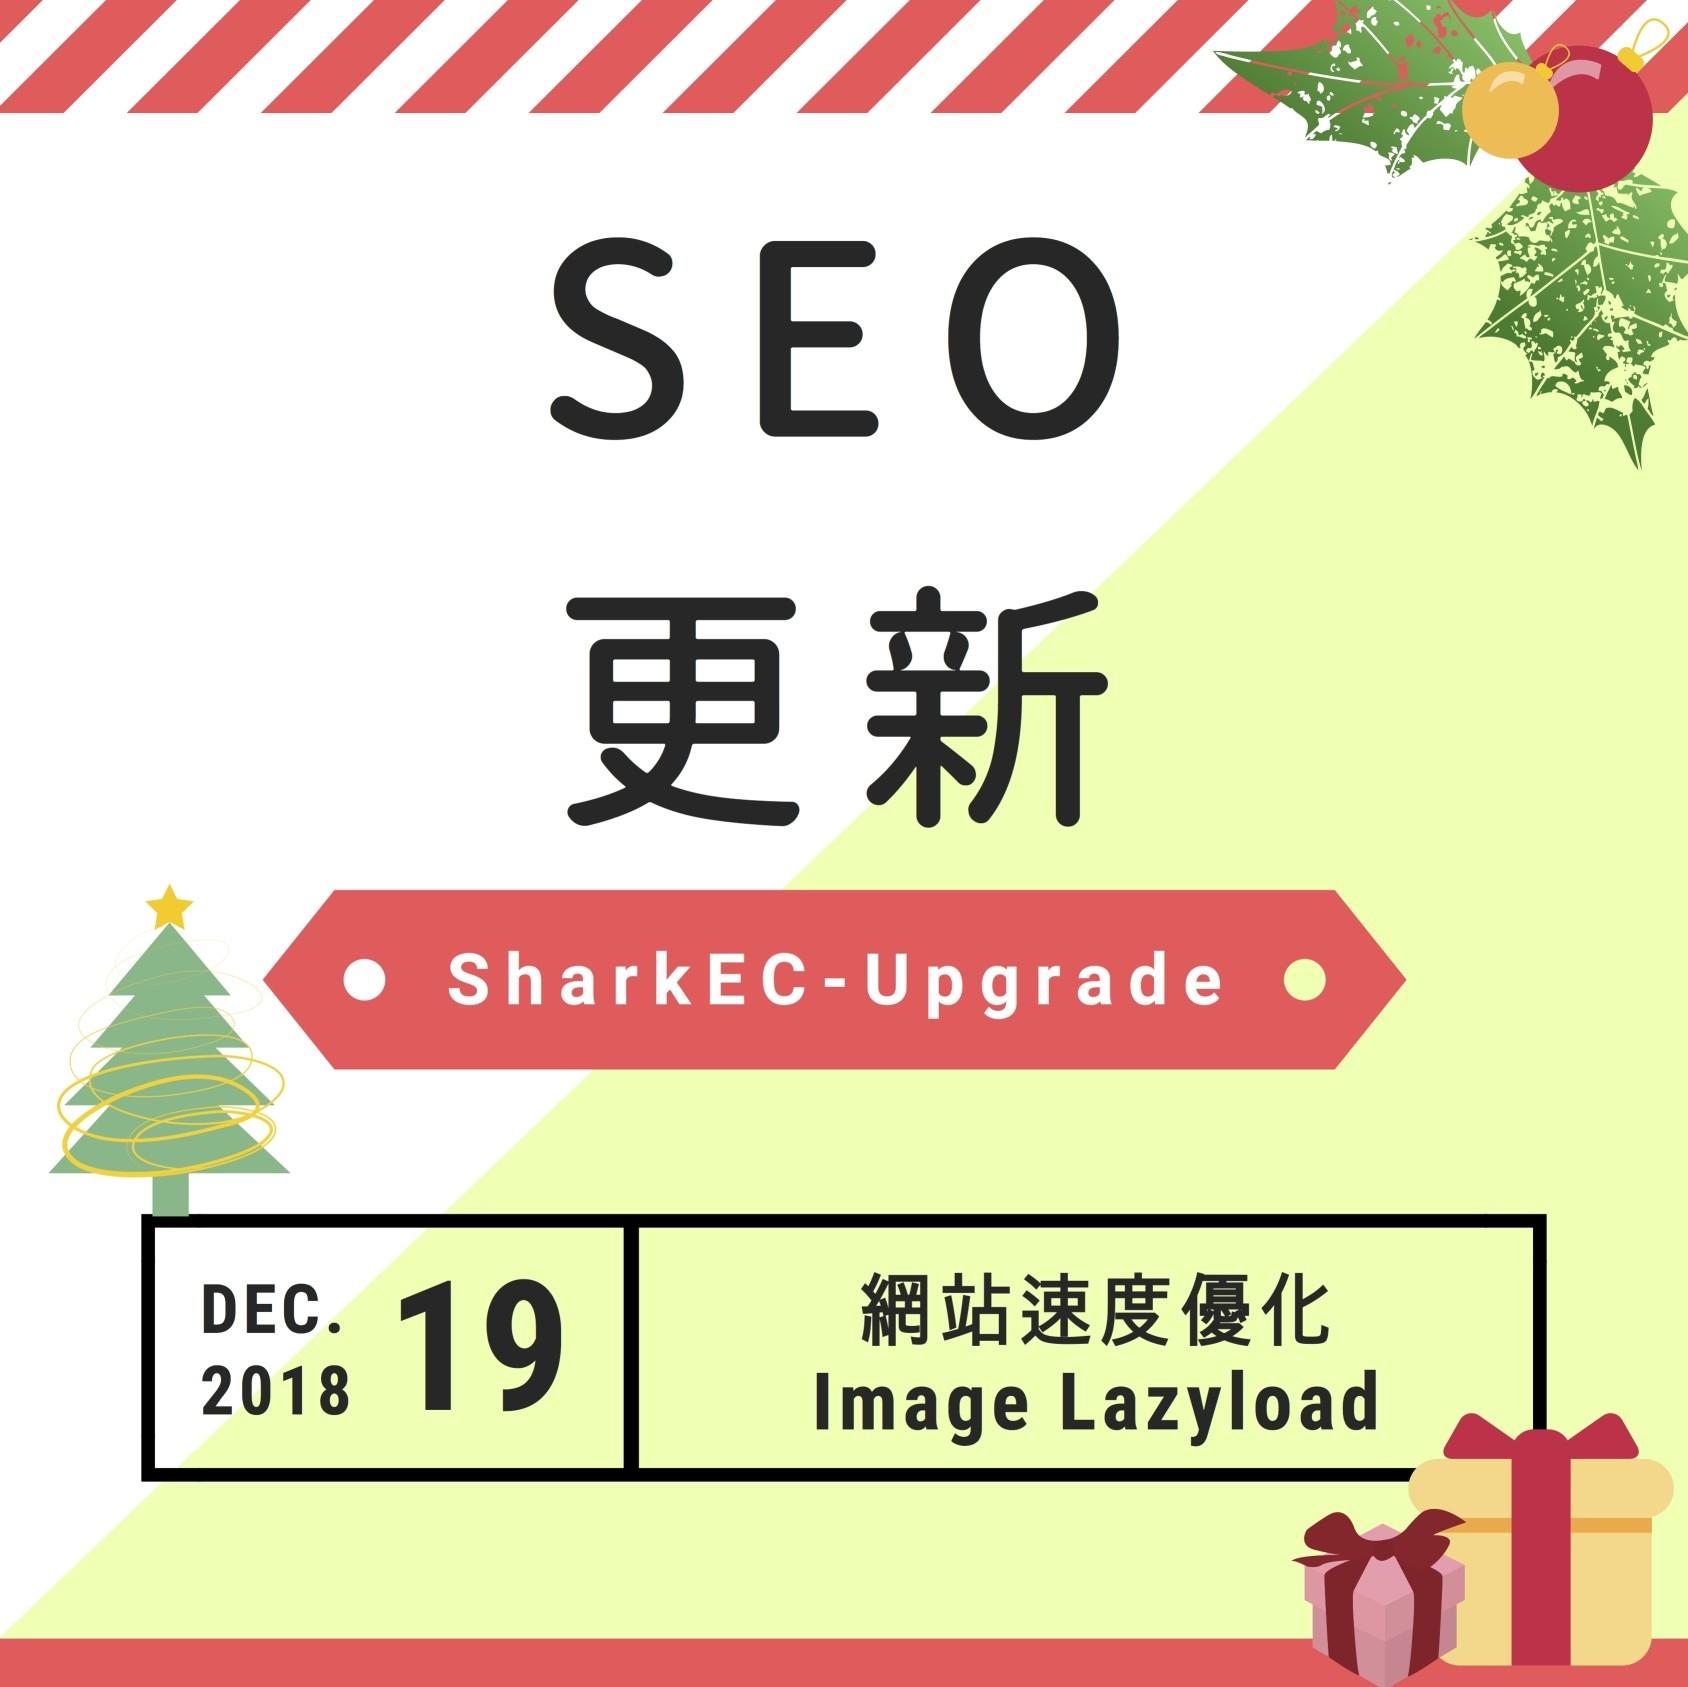 12月搜尋引擎優化更新-鯊客科技SEO優化公司